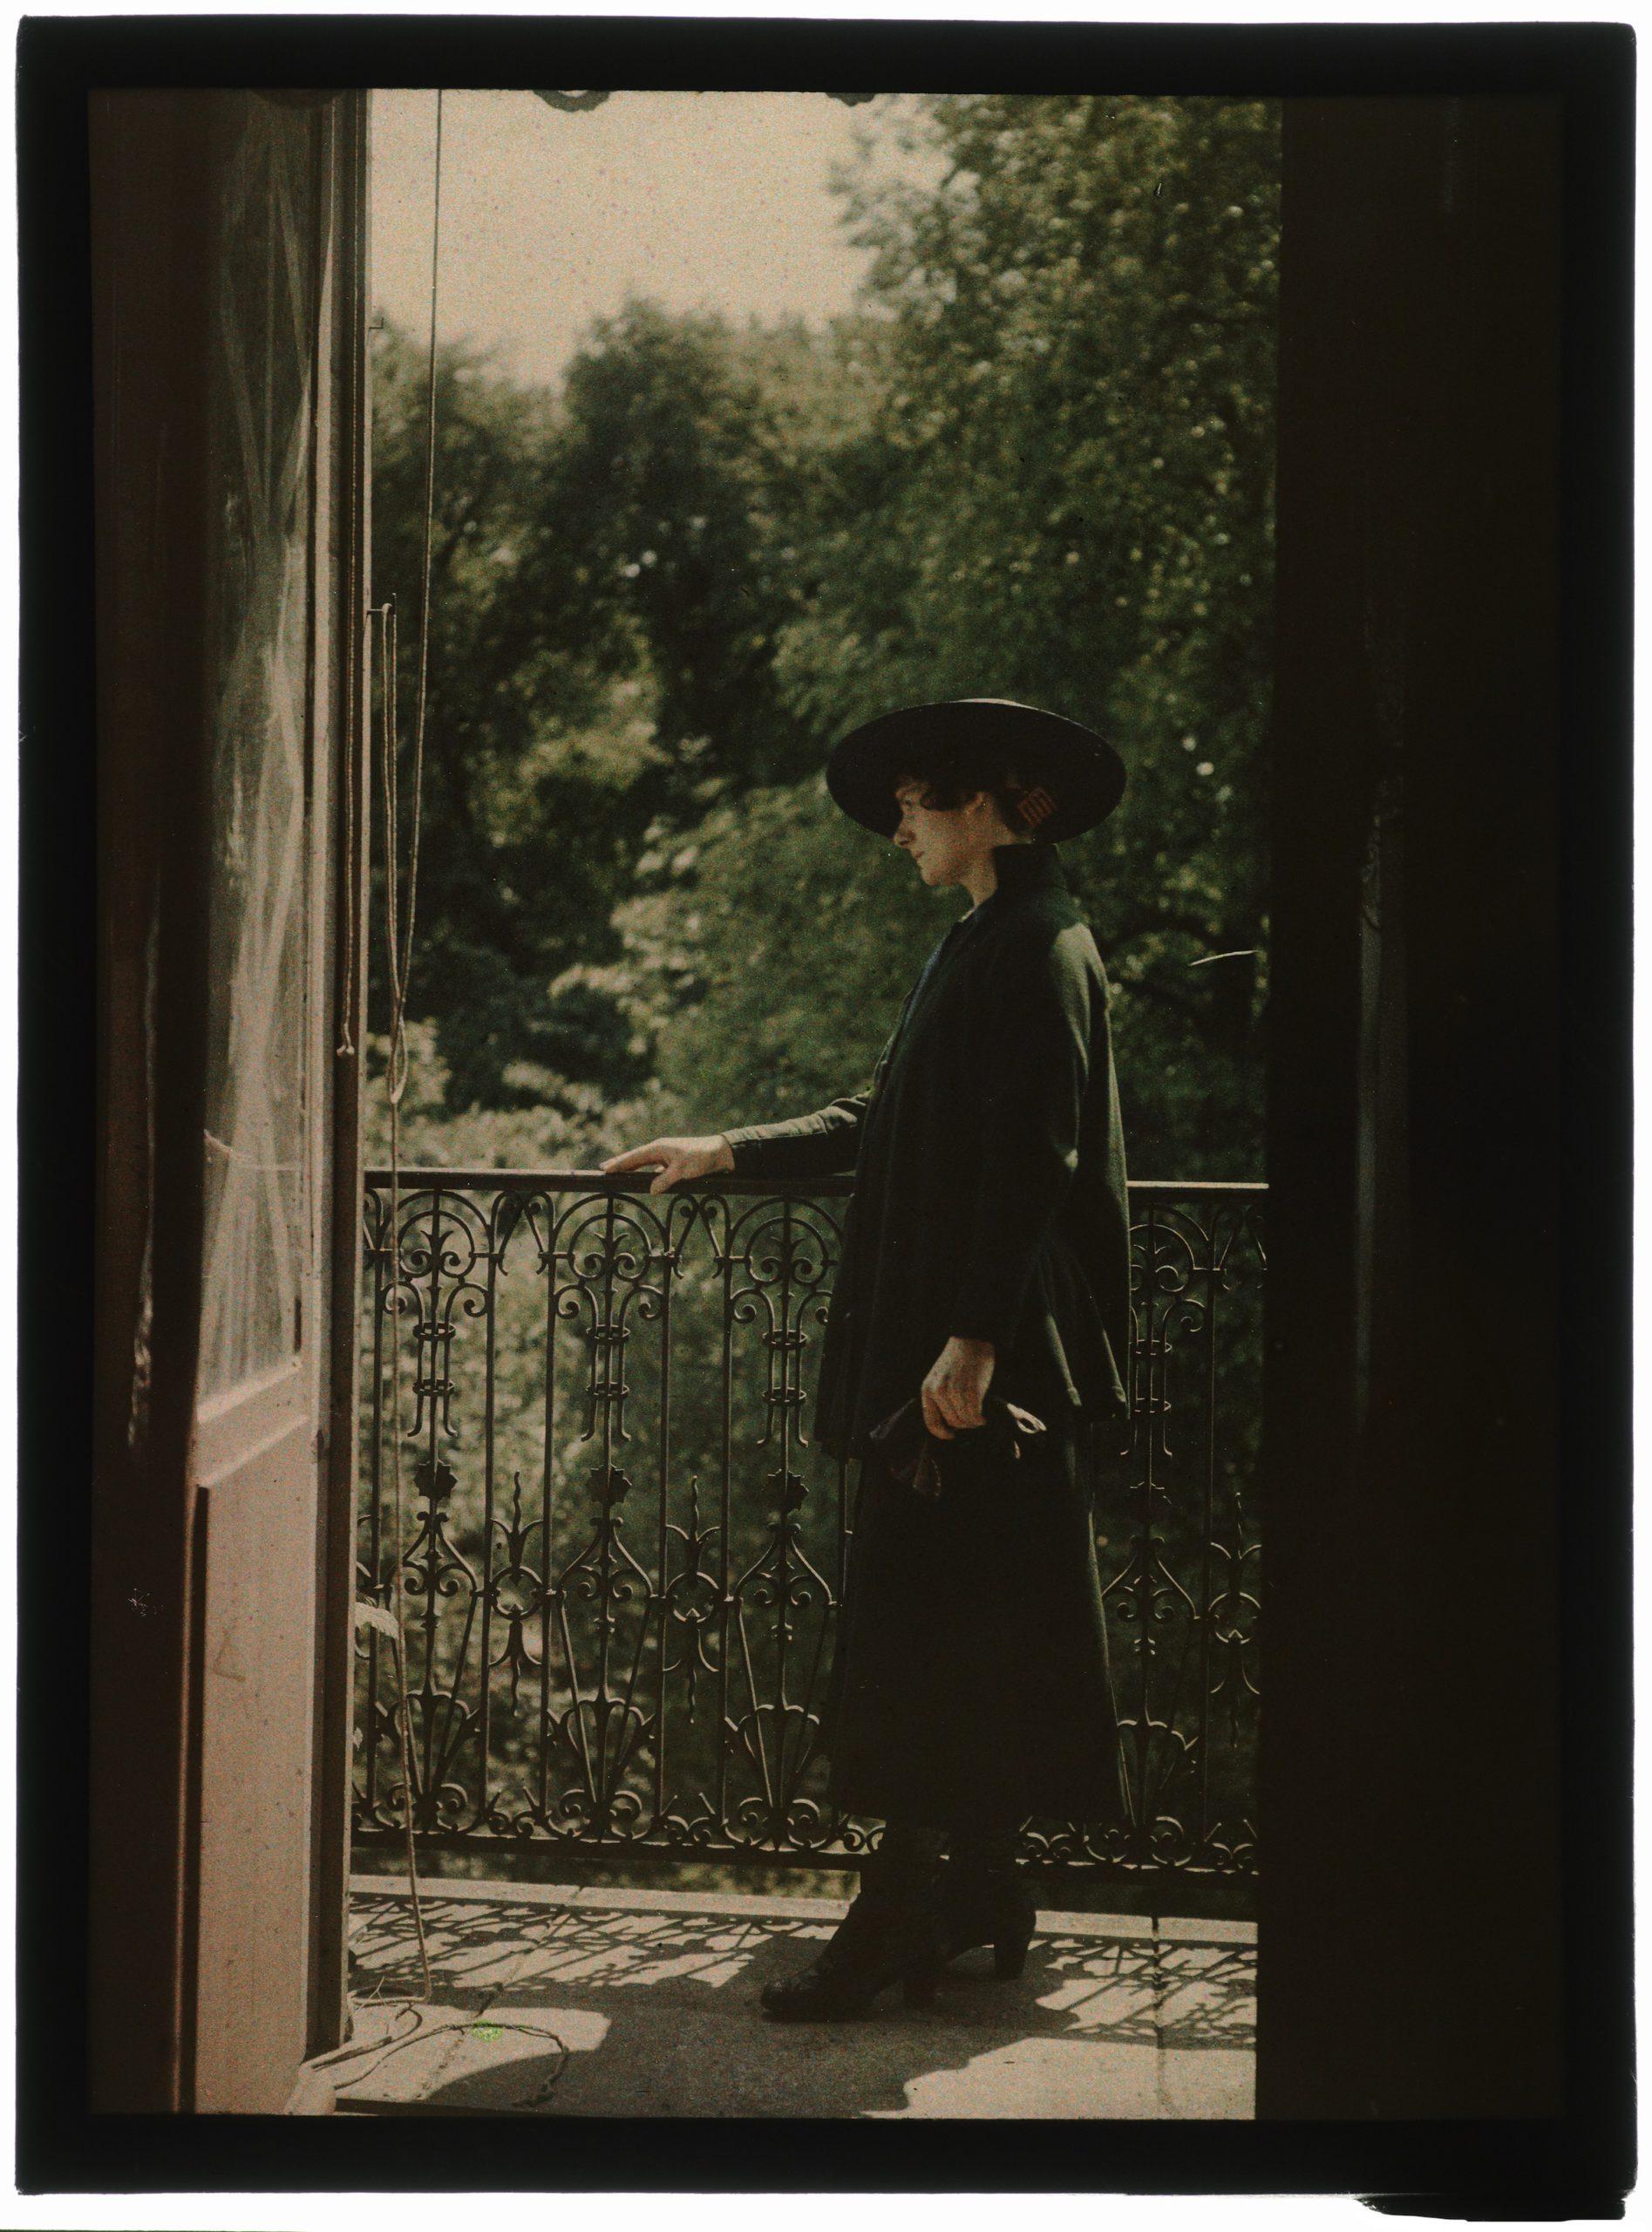 Portrait de femme au balcon ouvert sur le jardin